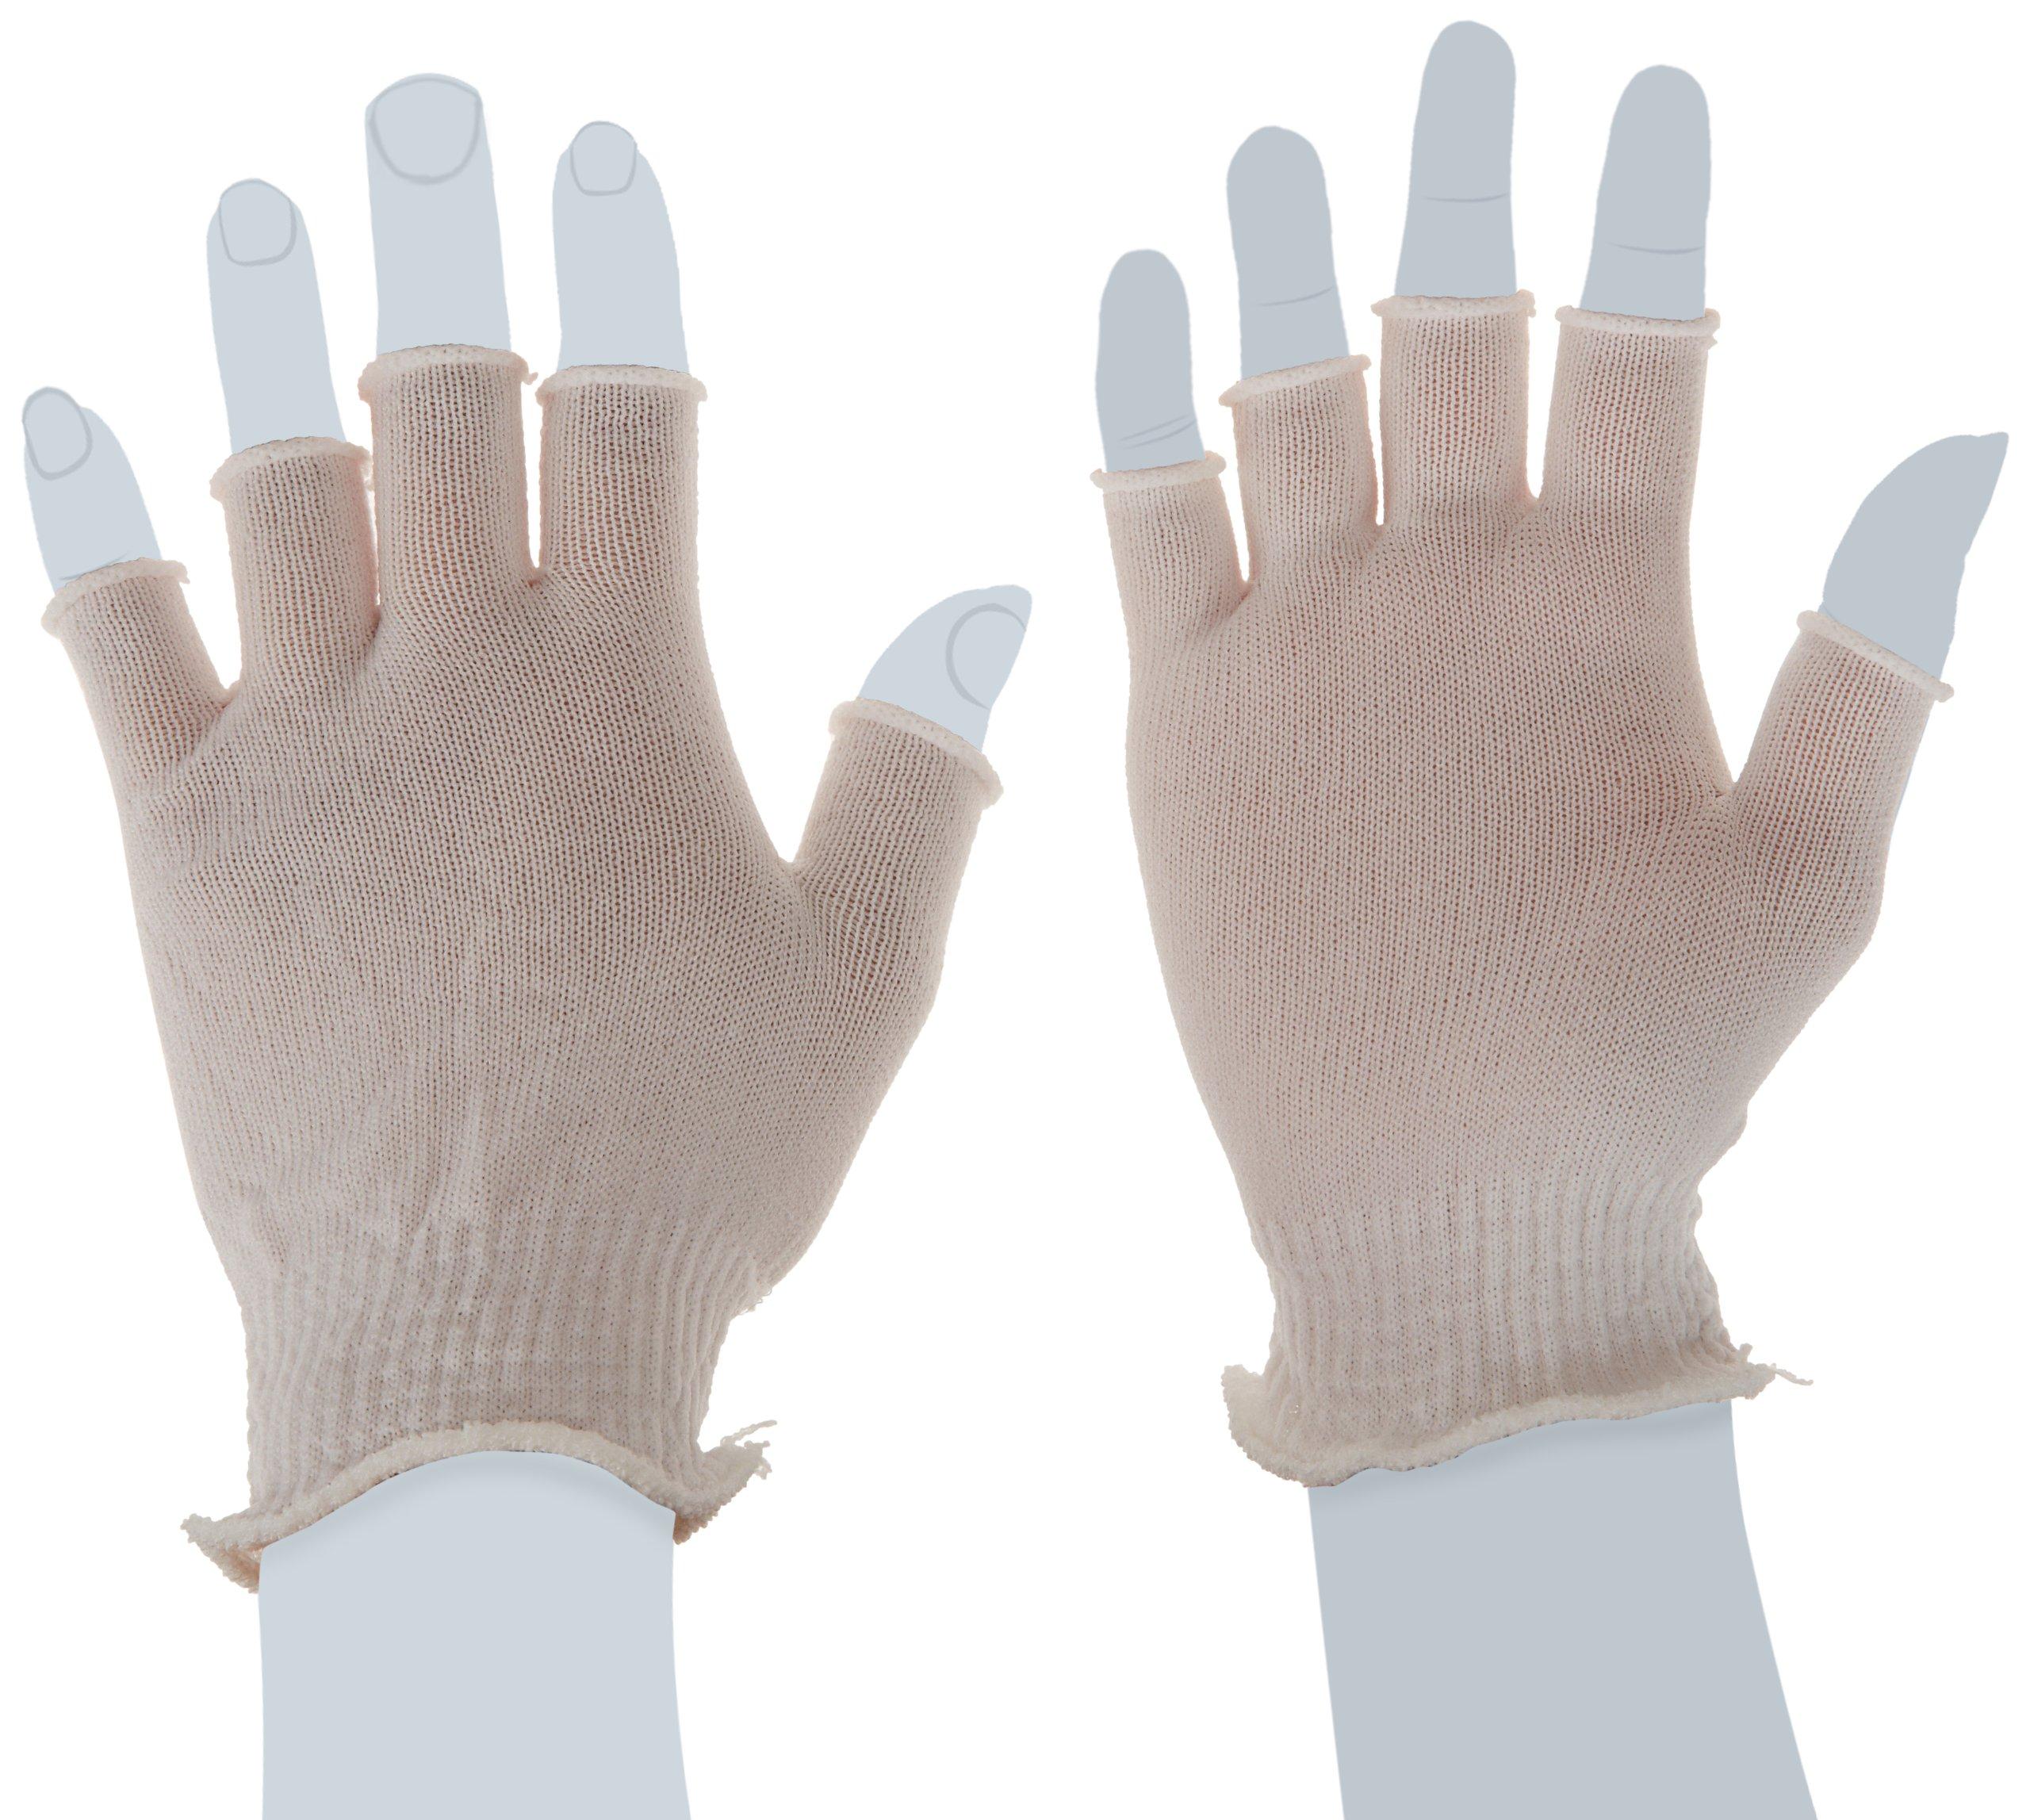 Berkshire BCR Polyester Half-Finger Glove Liners, Regular Bulk Size (Bulk Pack of 200 Pairs)